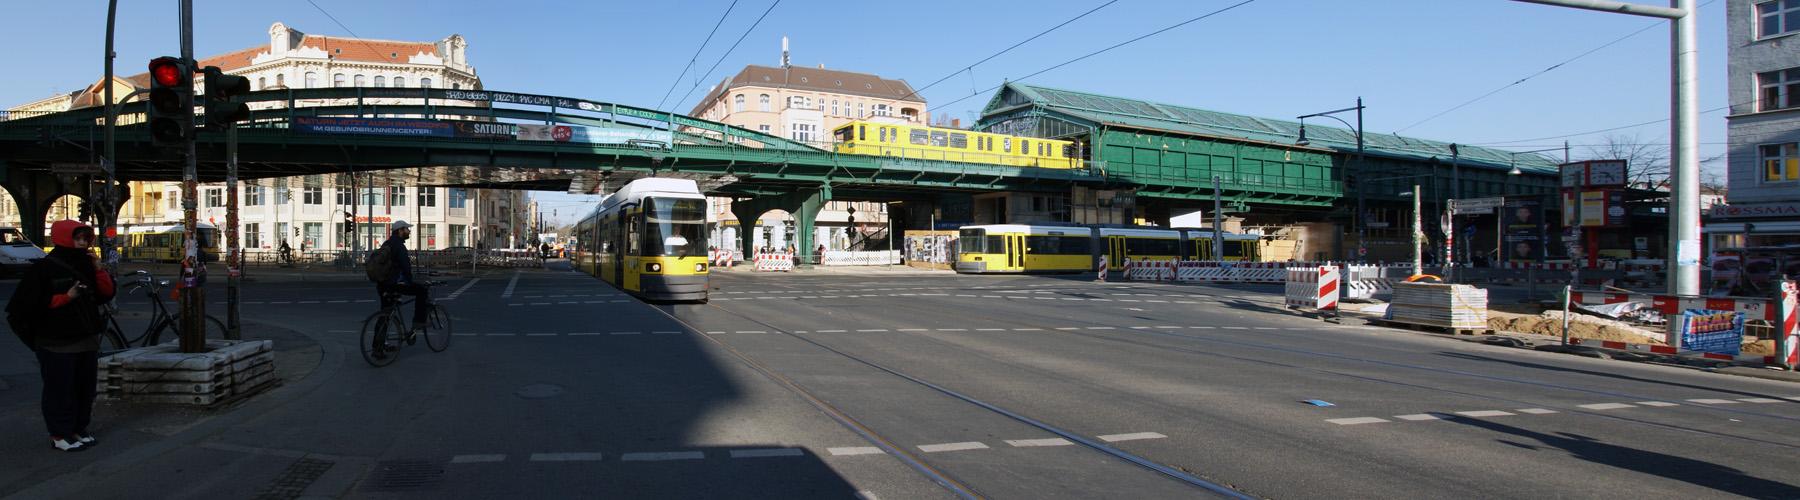 U-Bahnhof Eberswalder Strasse in der Morgensonne Reload